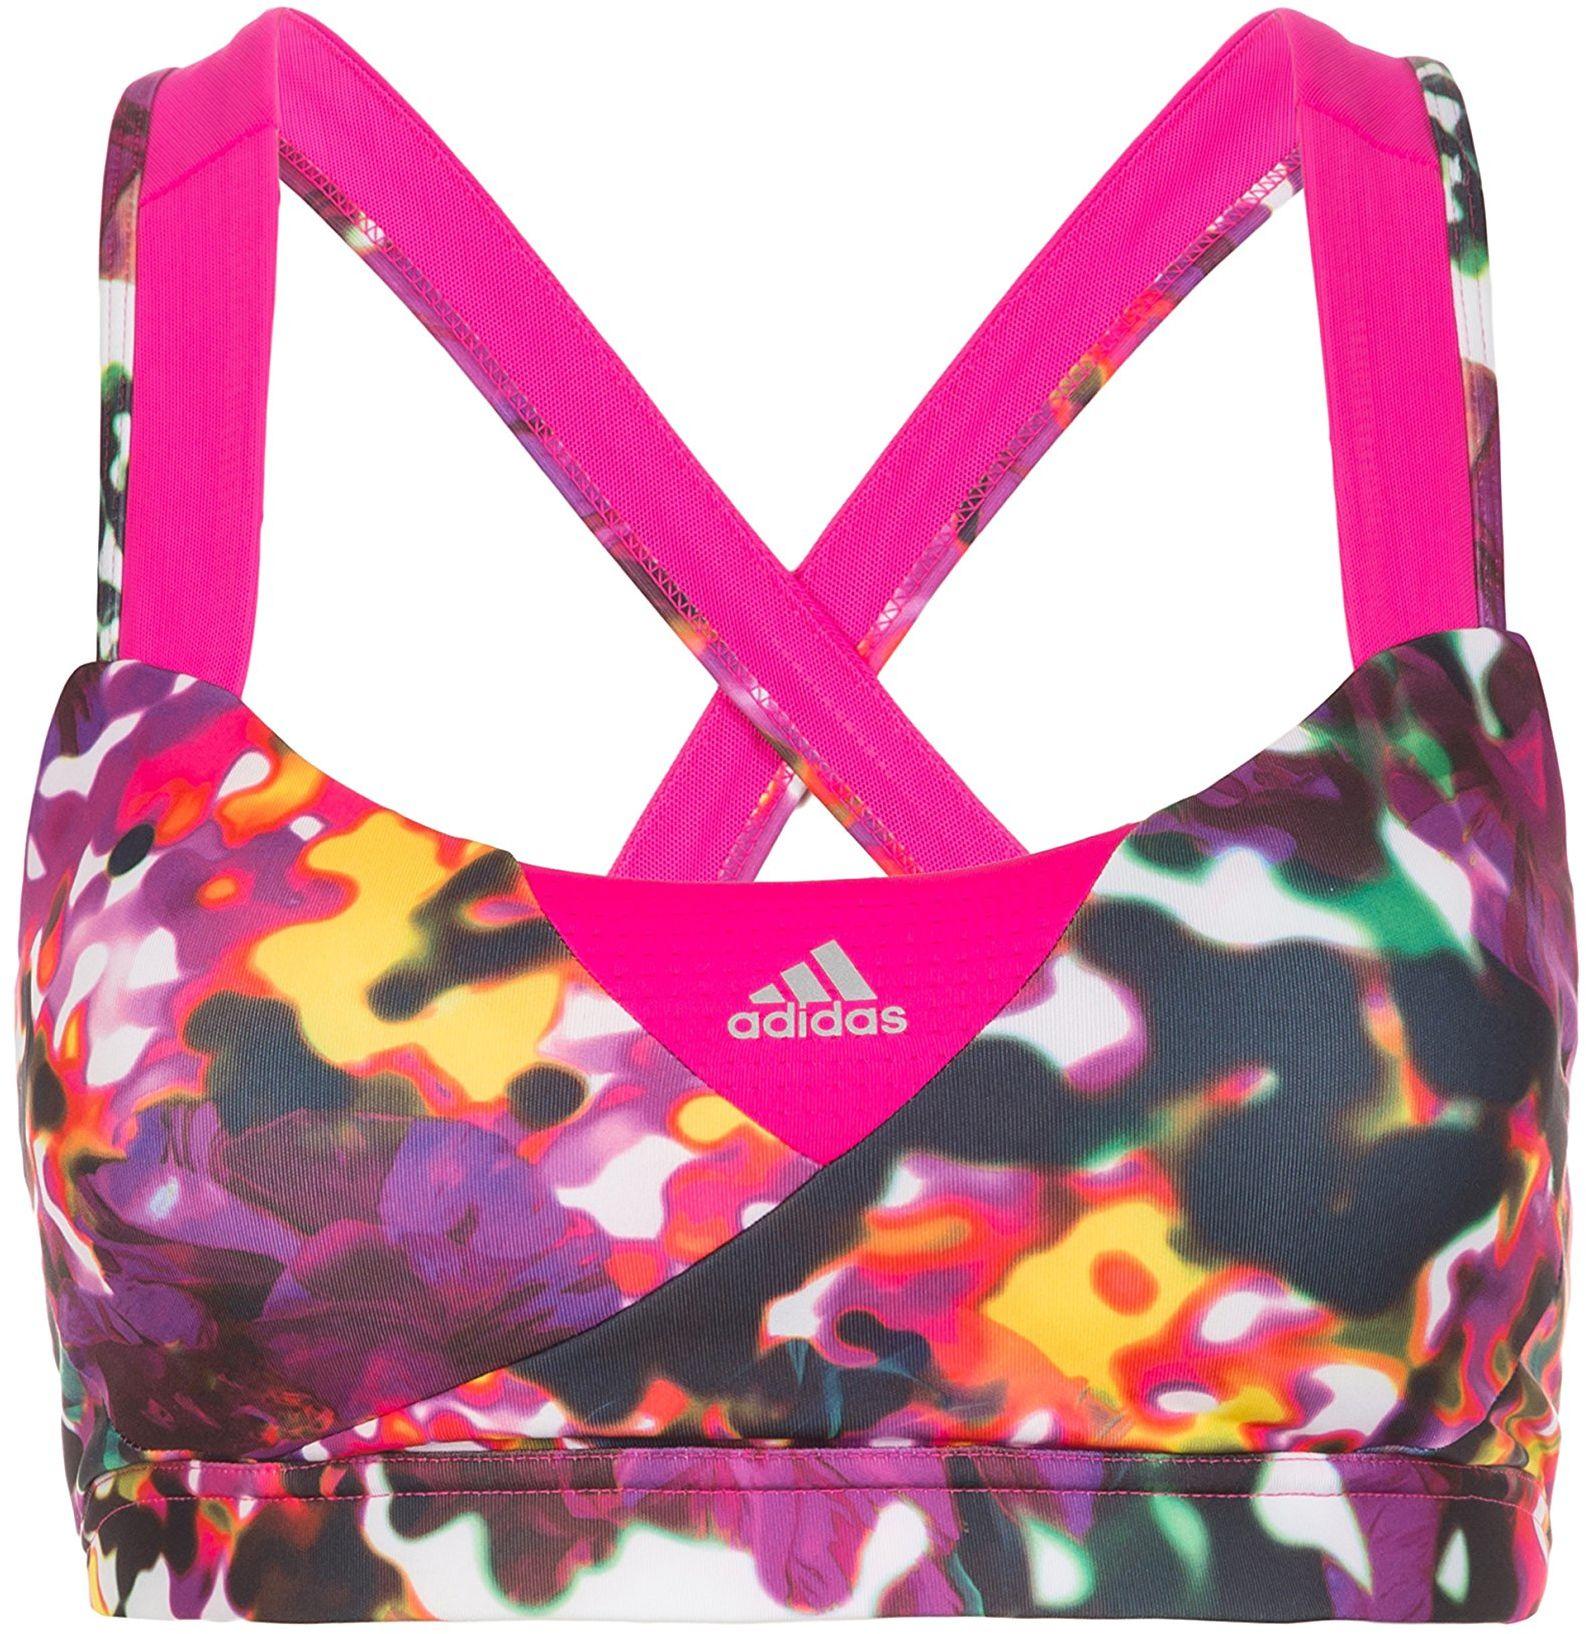 adidas Damski biustonosz sportowy Supernova Graphic, wielokolorowy/Shock Pink, S